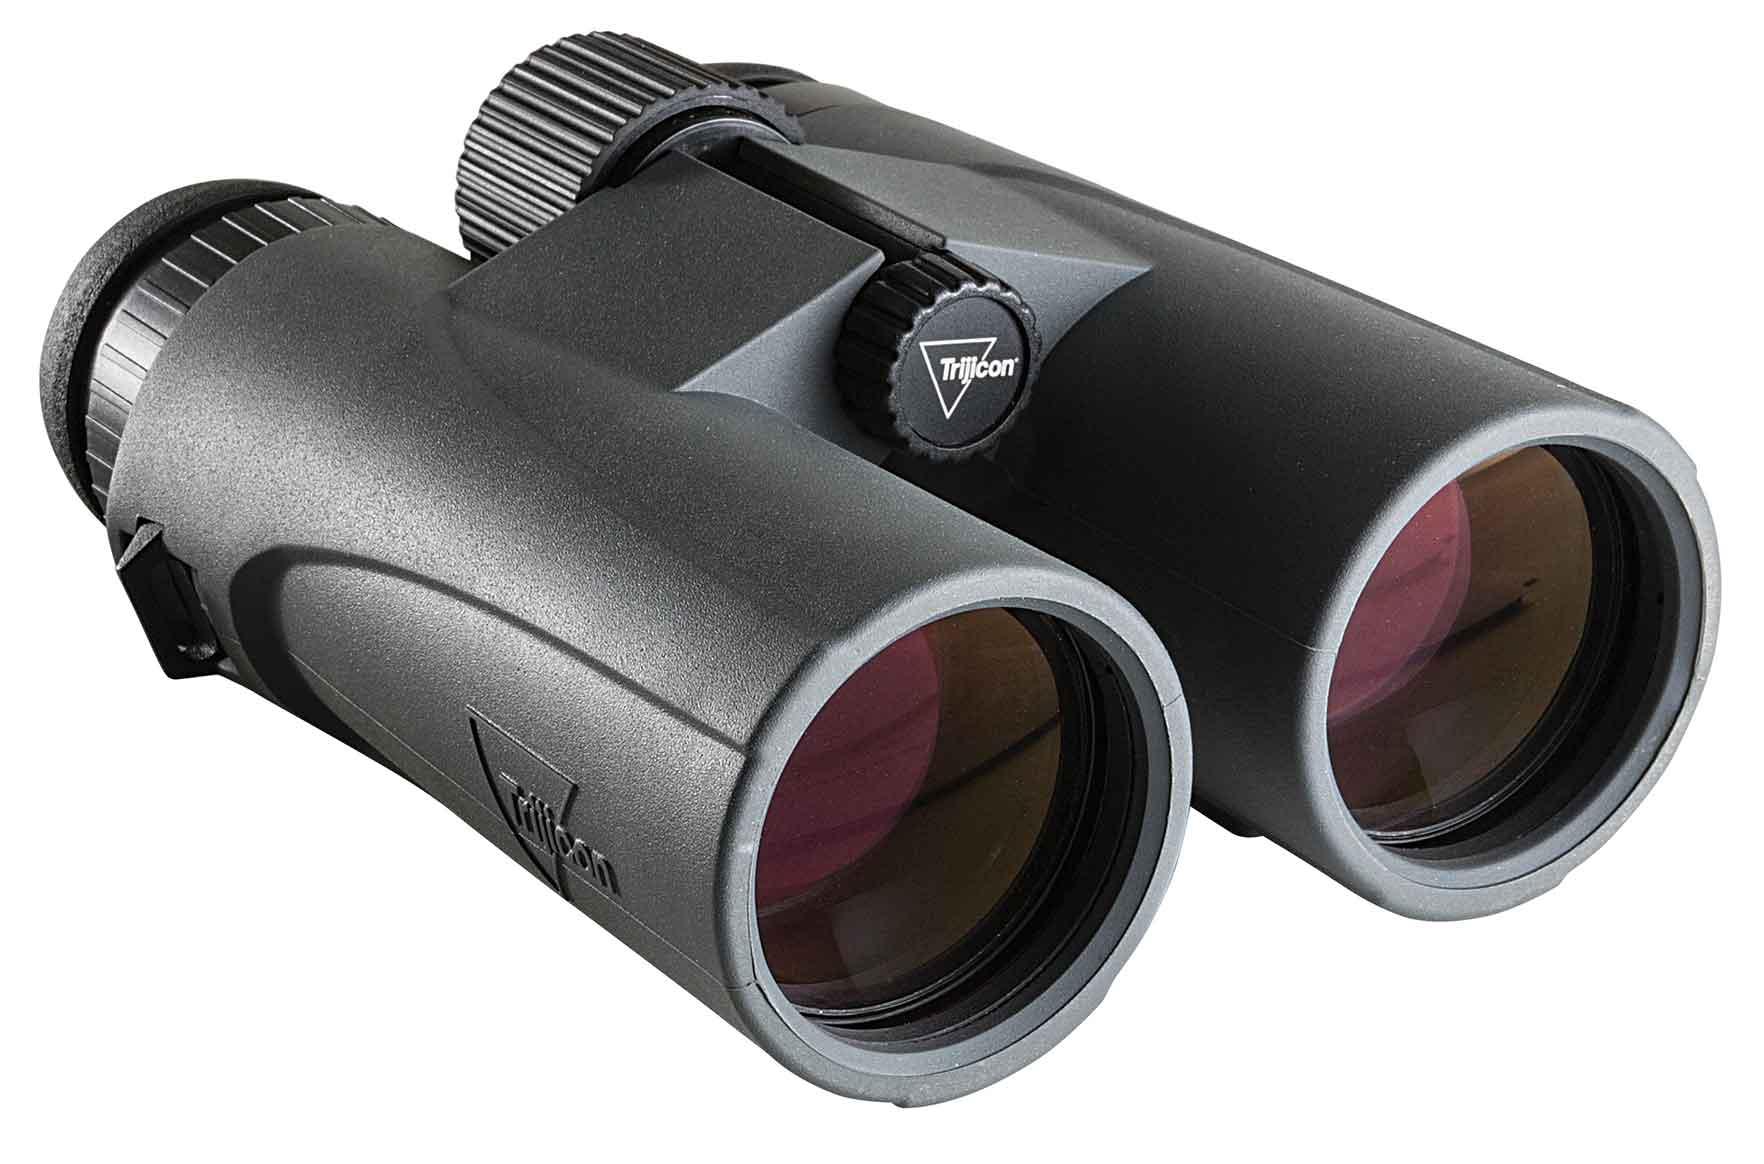 trijicon binoculars